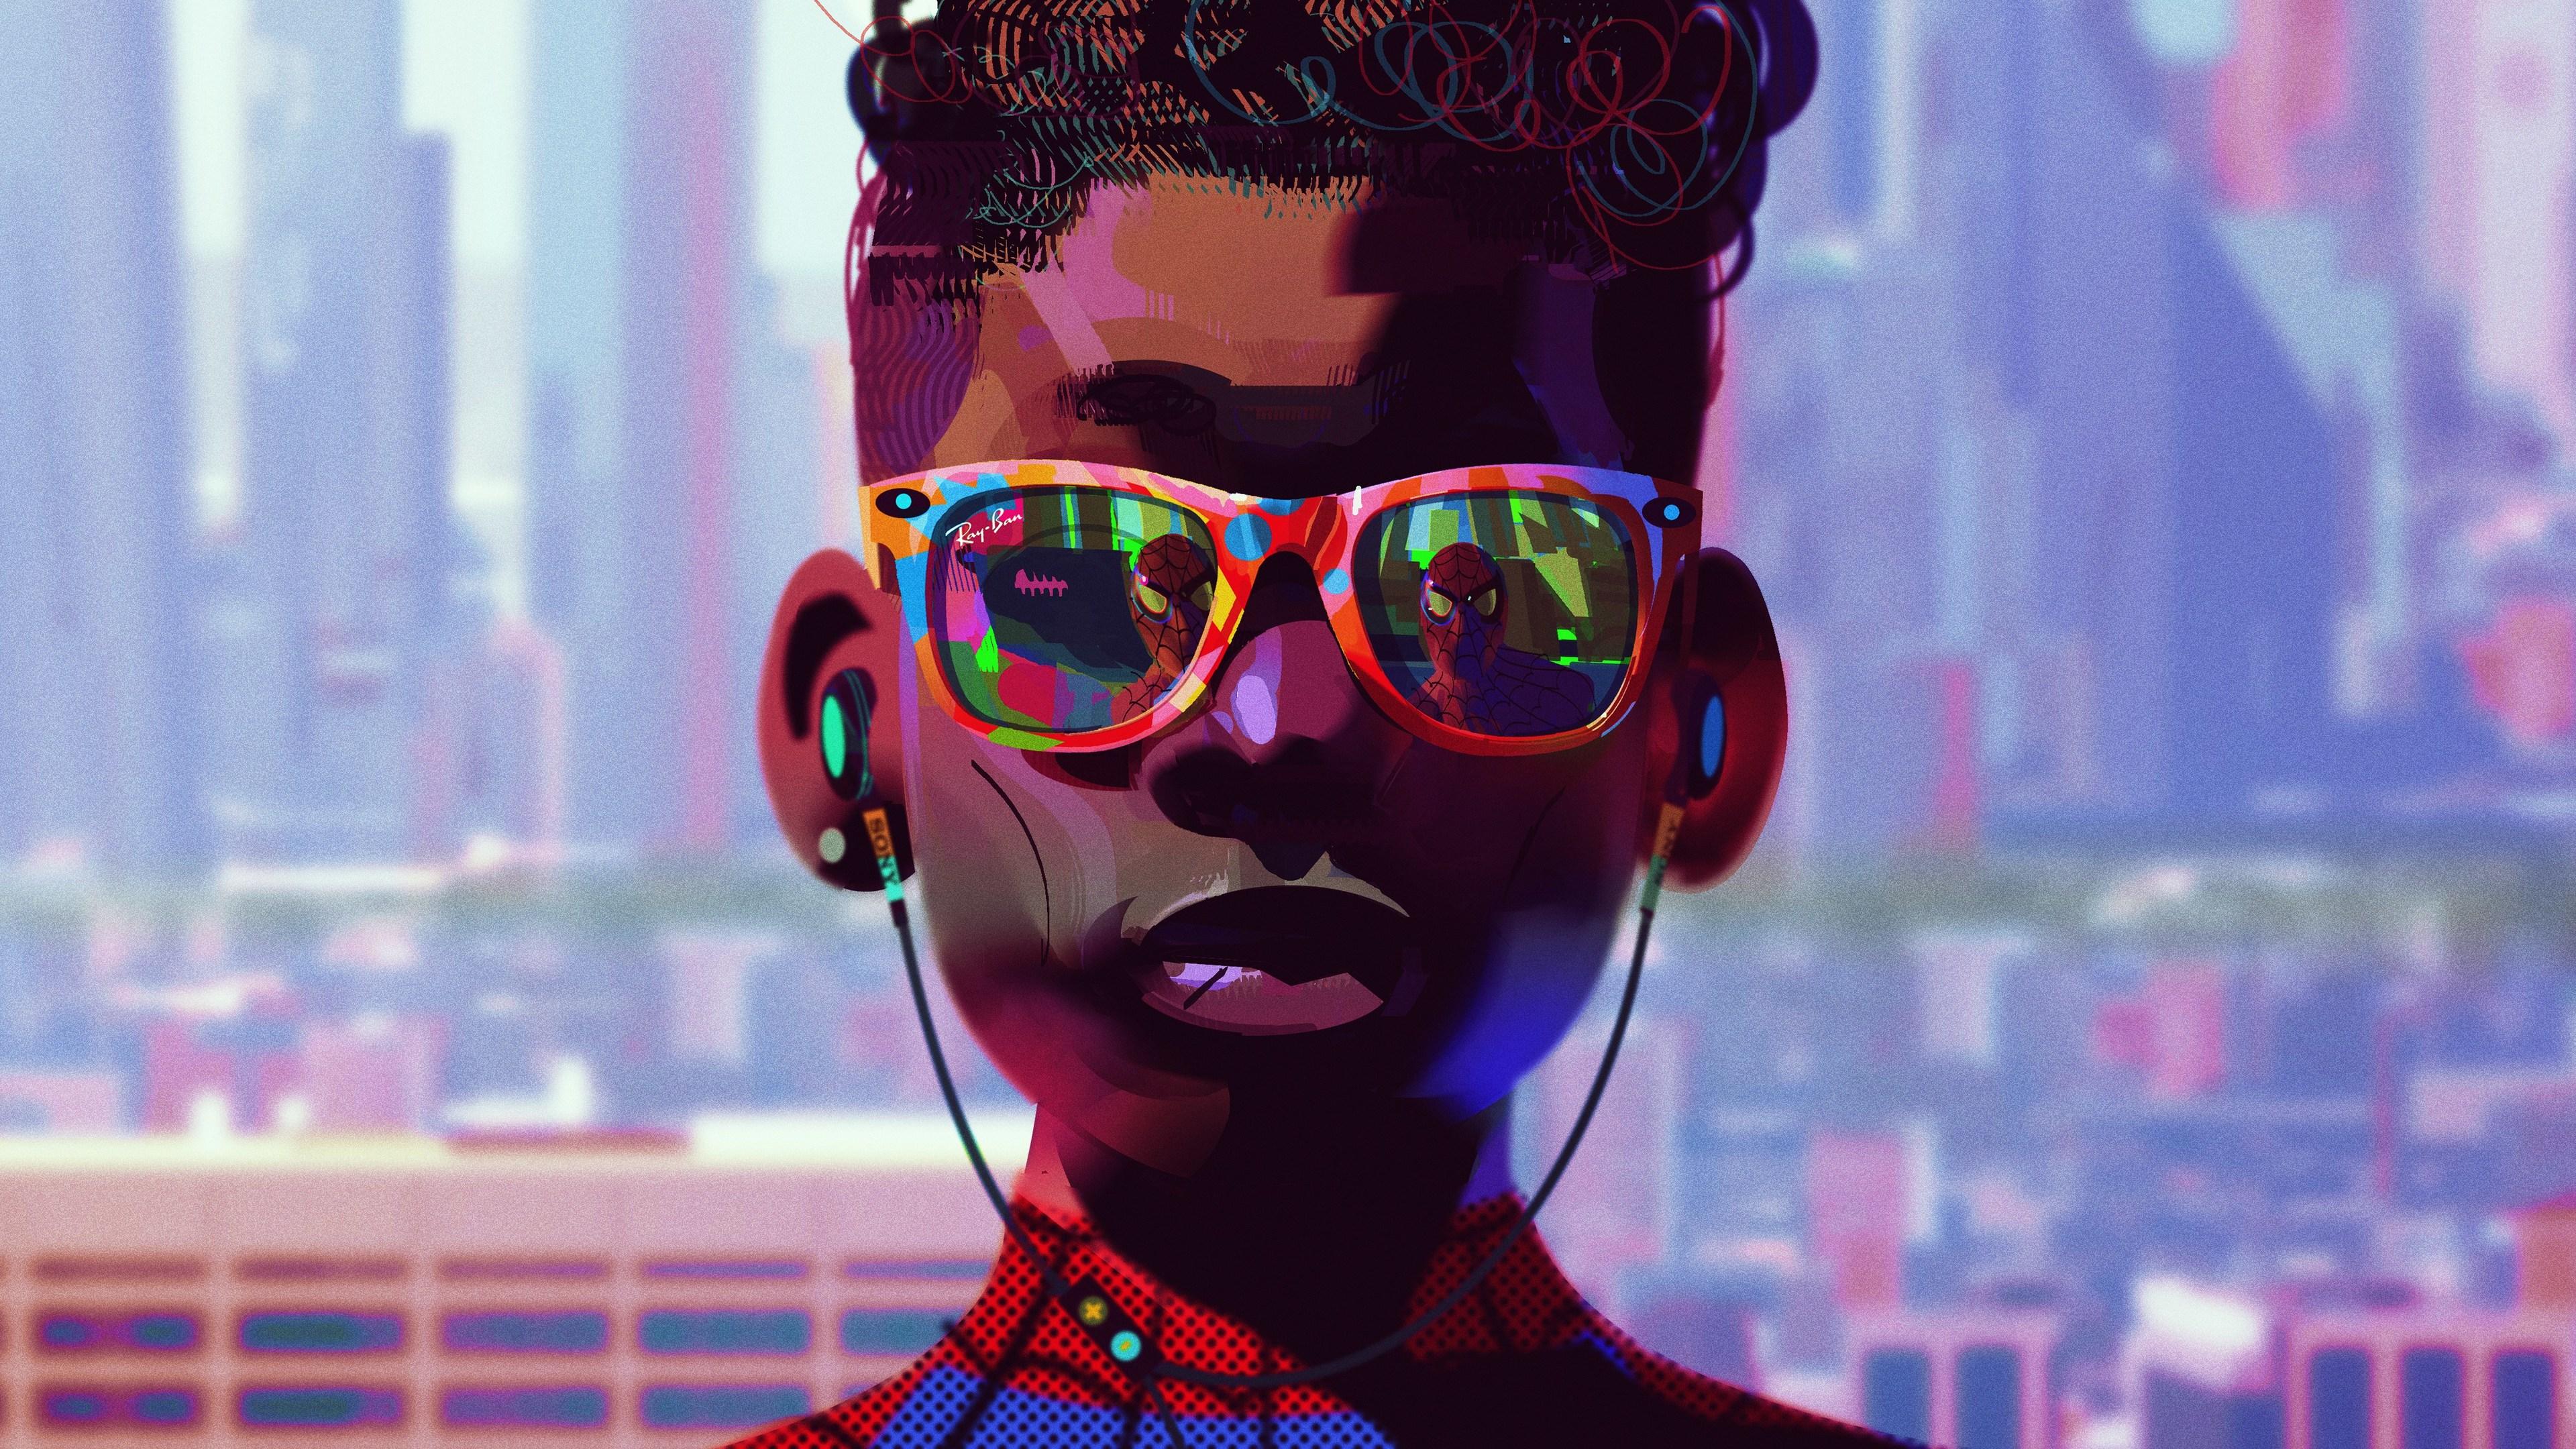 miles morales wearing glasses 4k 1556184761 - Miles Morales Wearing Glasses 4k - superheroes wallpapers, spiderman wallpapers, hd-wallpapers, digital art wallpapers, artwork wallpapers, 5k wallpapers, 4k-wallpapers